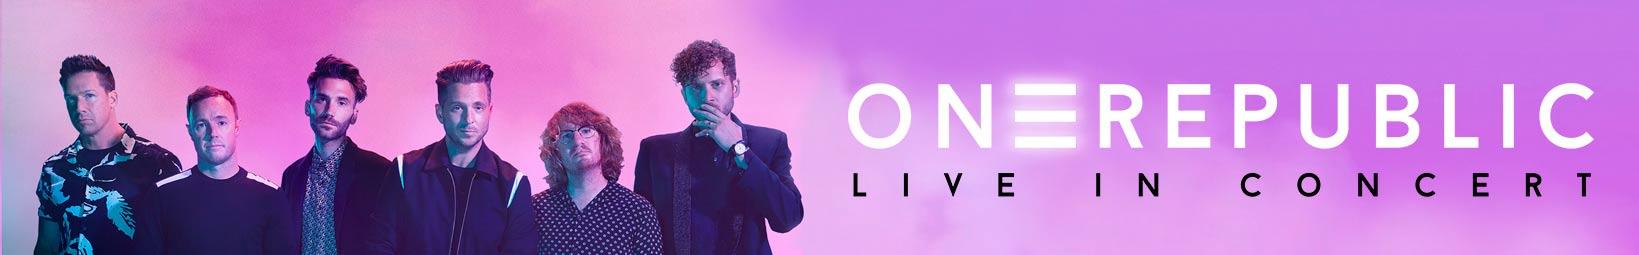 Conciertos OneRepublic